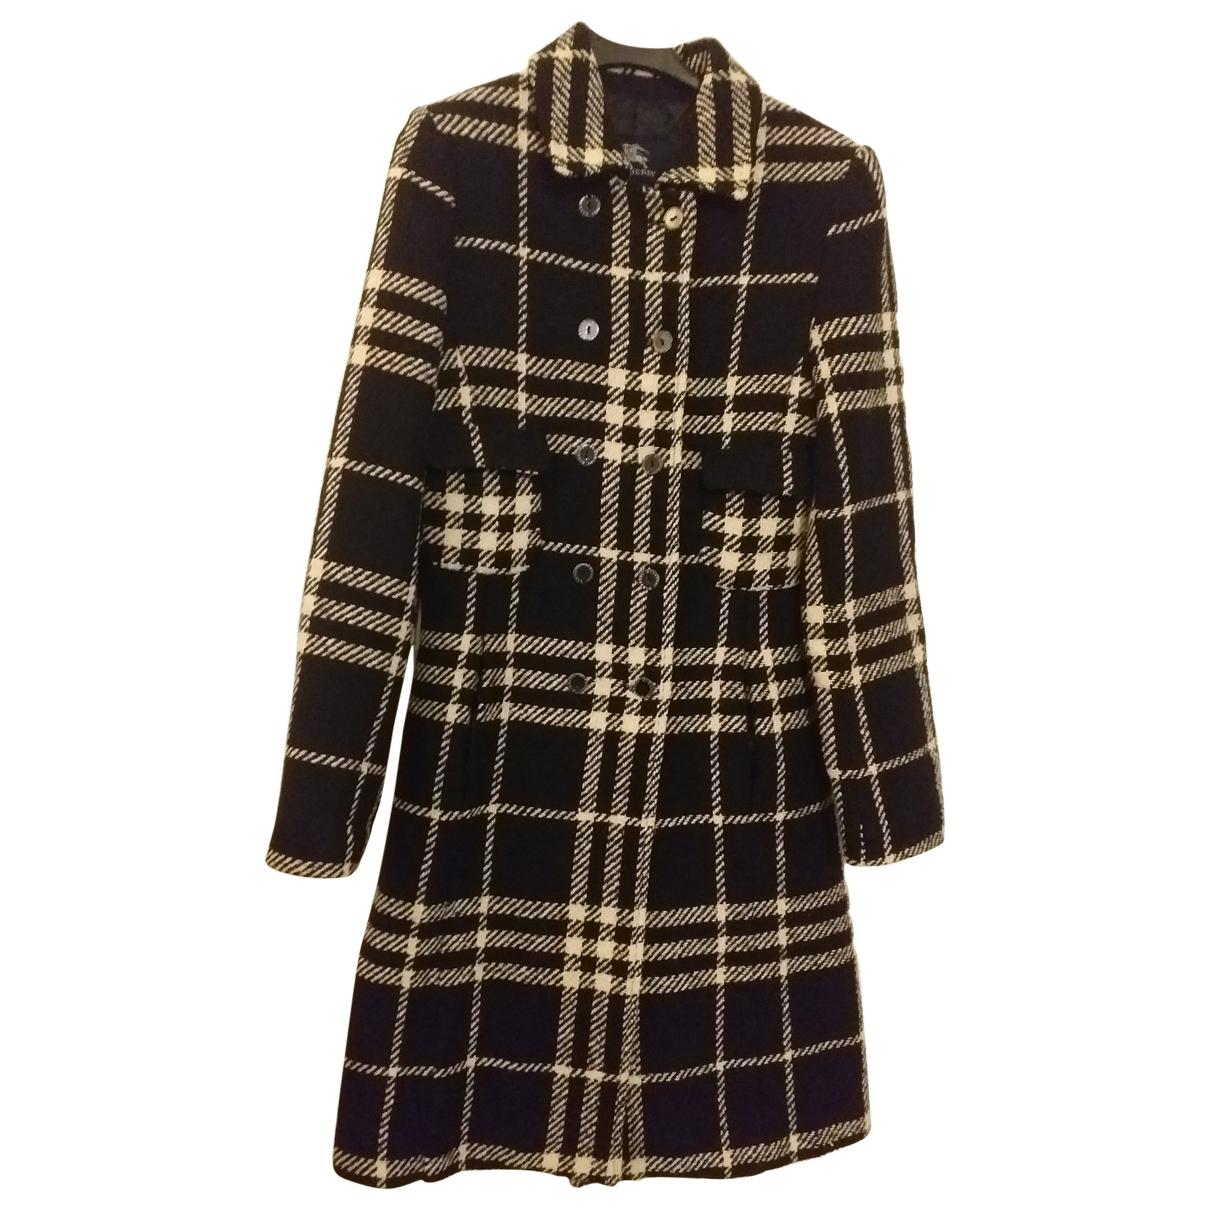 Burberry - Blousons.Manteaux   pour enfant en laine - multicolore